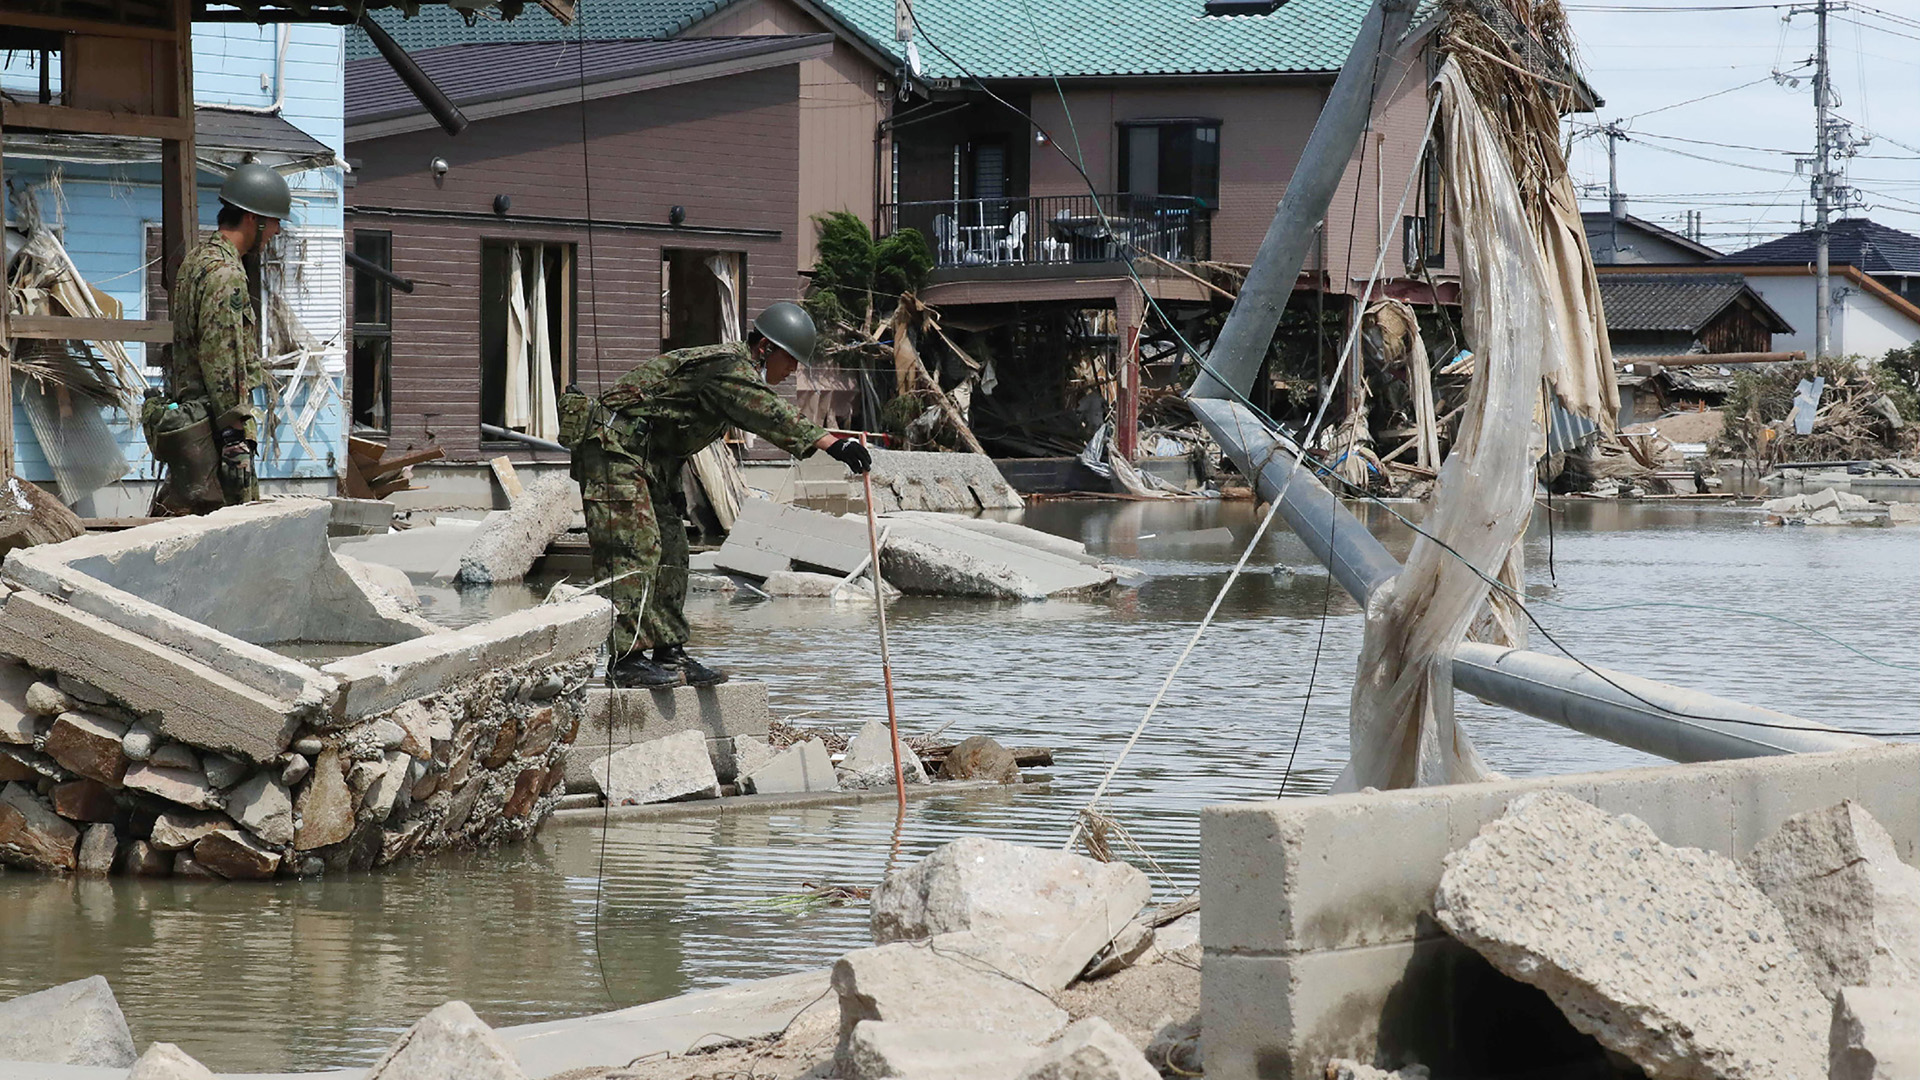 Unos 73.000 efectivos de las Fuerzas de Autodefensa (Ejército), la policía y los bomberos continúan con las operaciones de búsqueda de desaparecidos y de rescate de personas que se refugiaron en techos de edificios inundados, tareas en las que participan también 73 helicópteros y decenas de embarcaciones